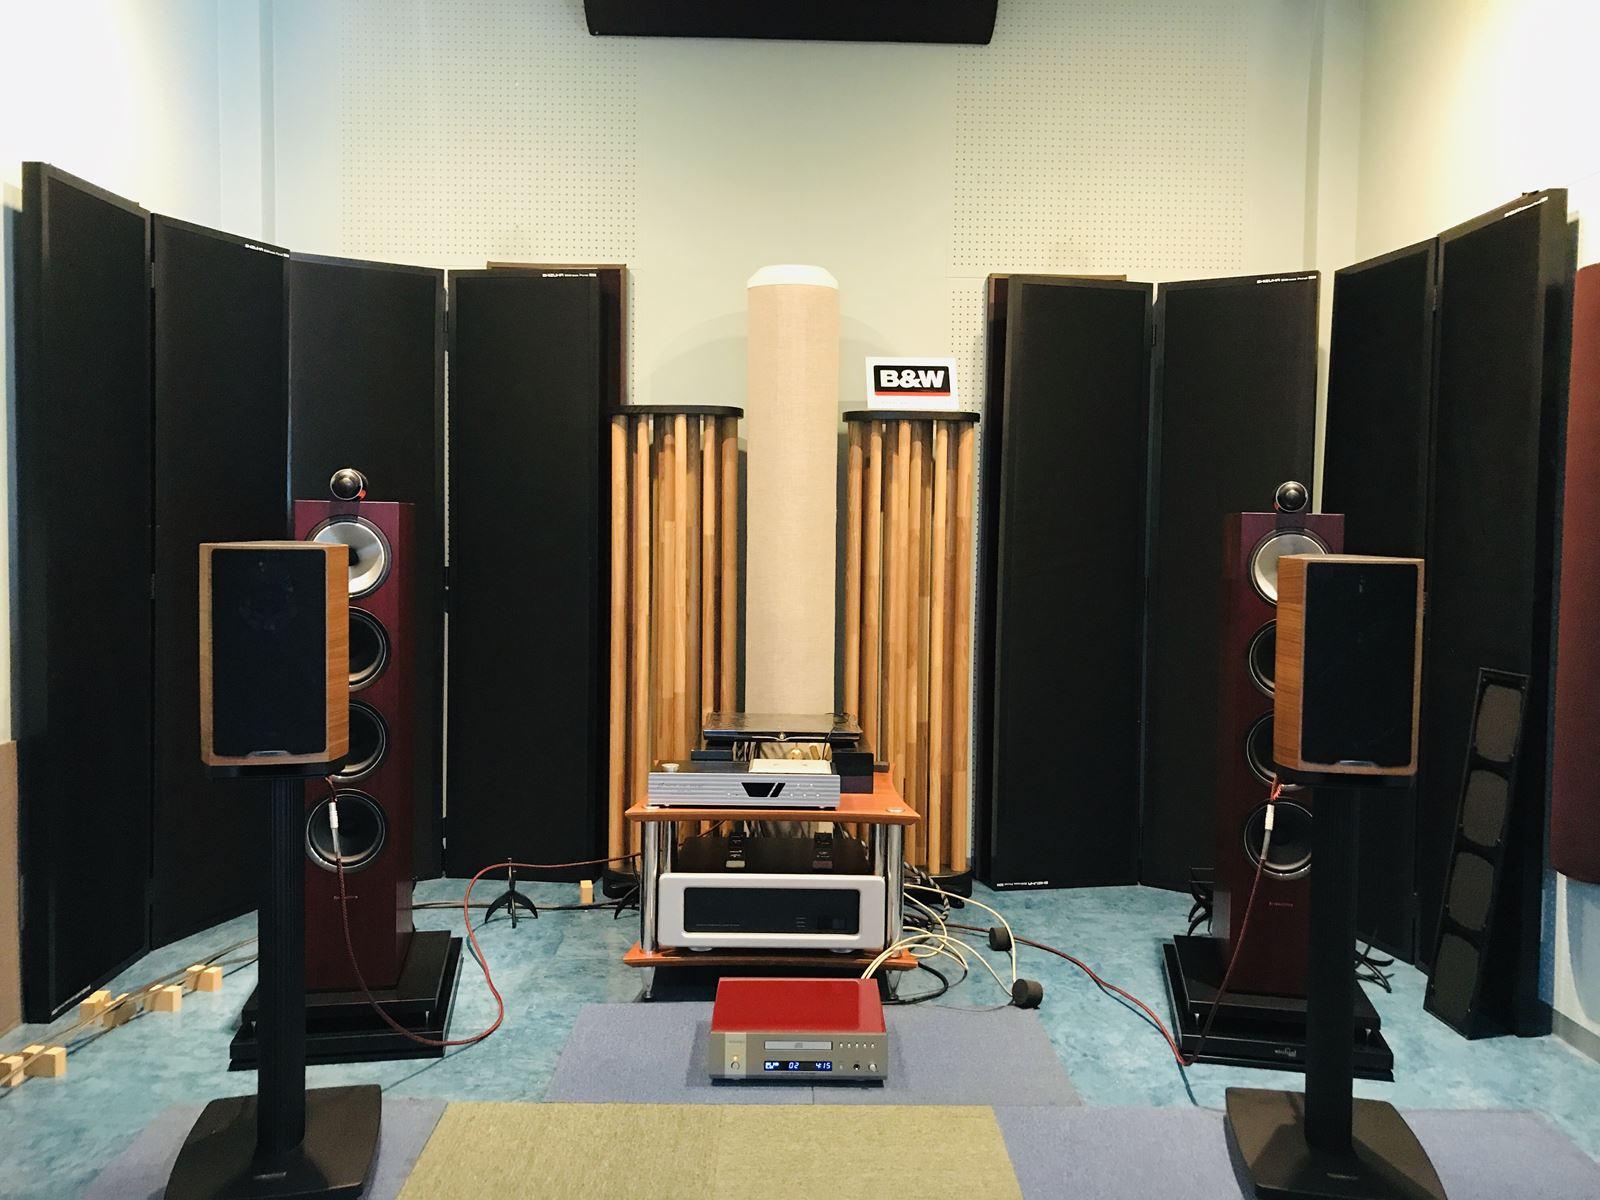 簡単設置で本格的なサウンドをお楽しみいただける「SHIZUKA Stillness panel SDM」のご紹介